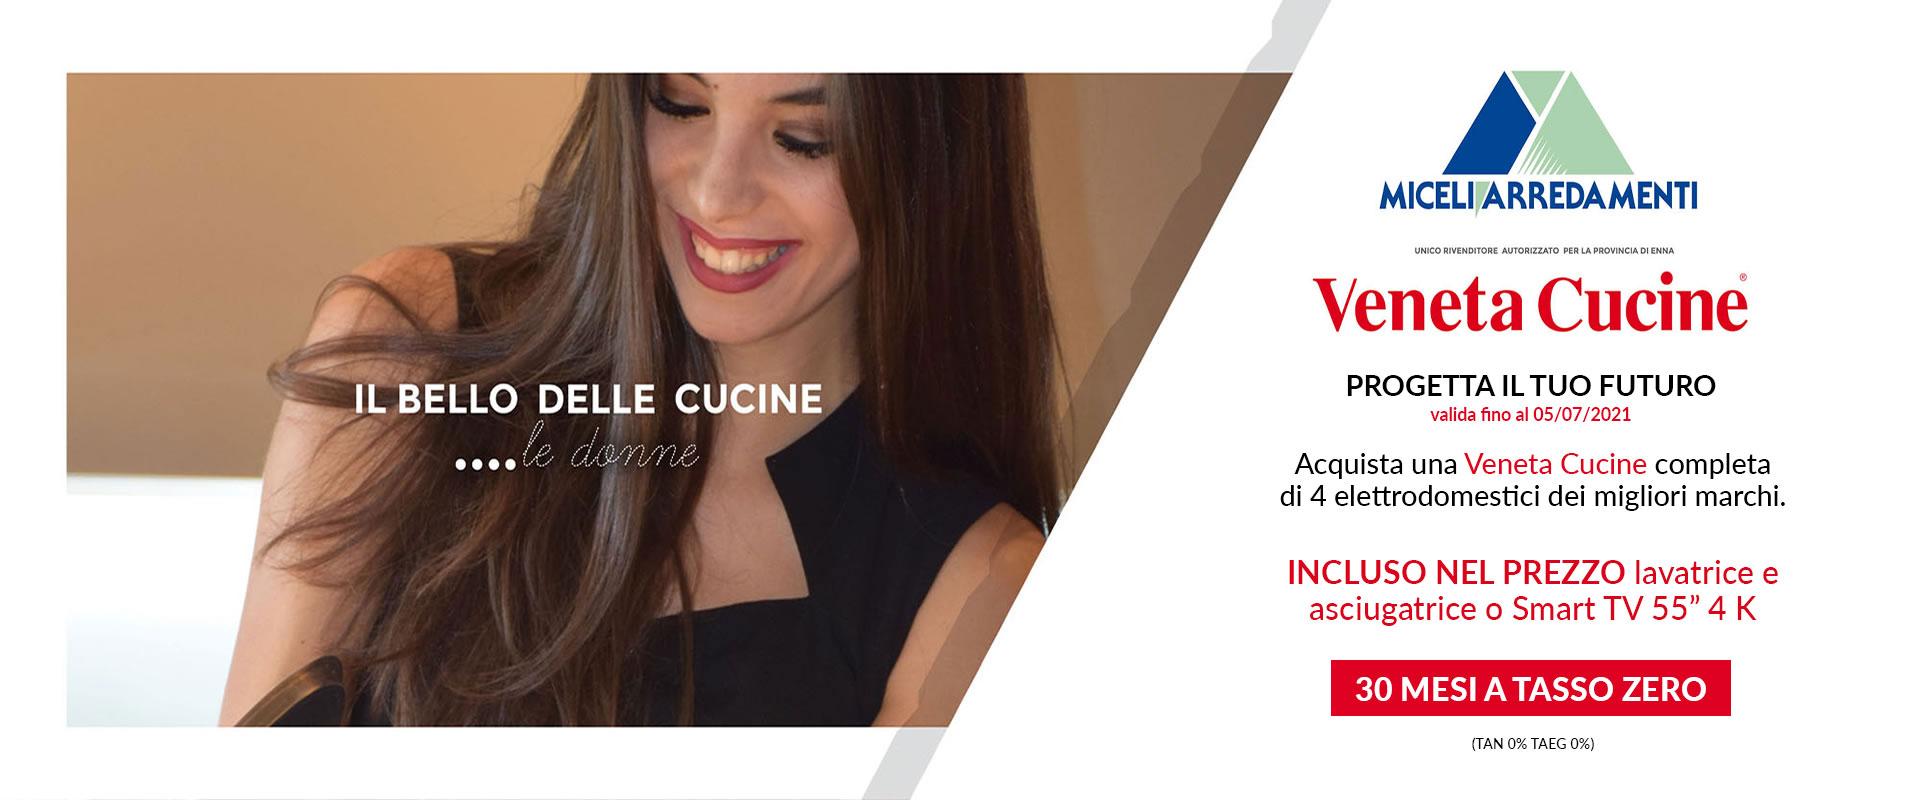 Banner-Veneta-Cucine